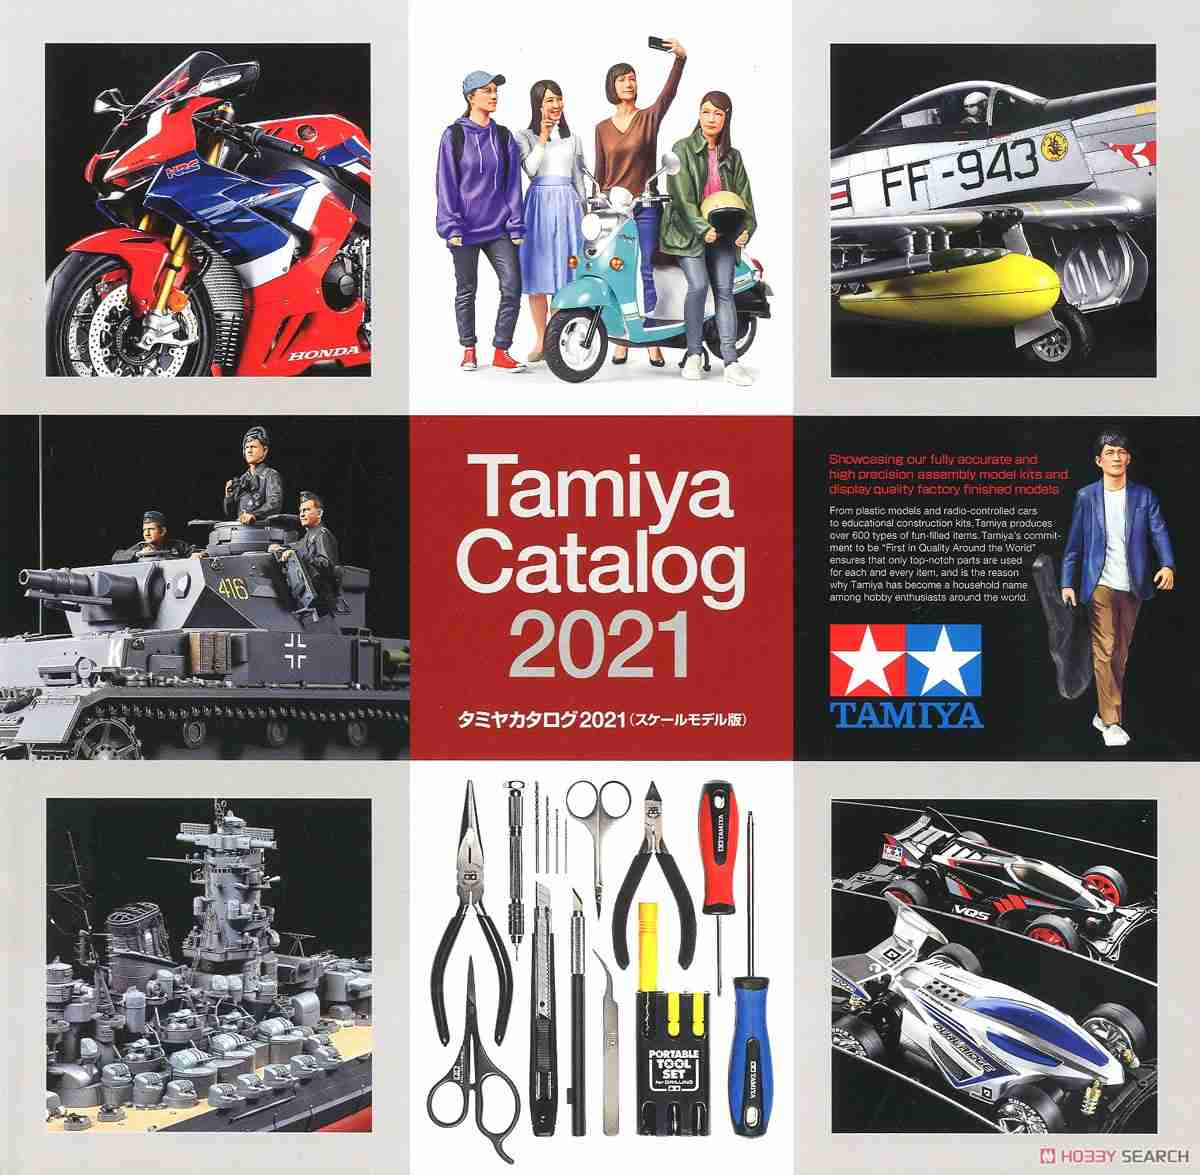 Katalog Tamiya 2021